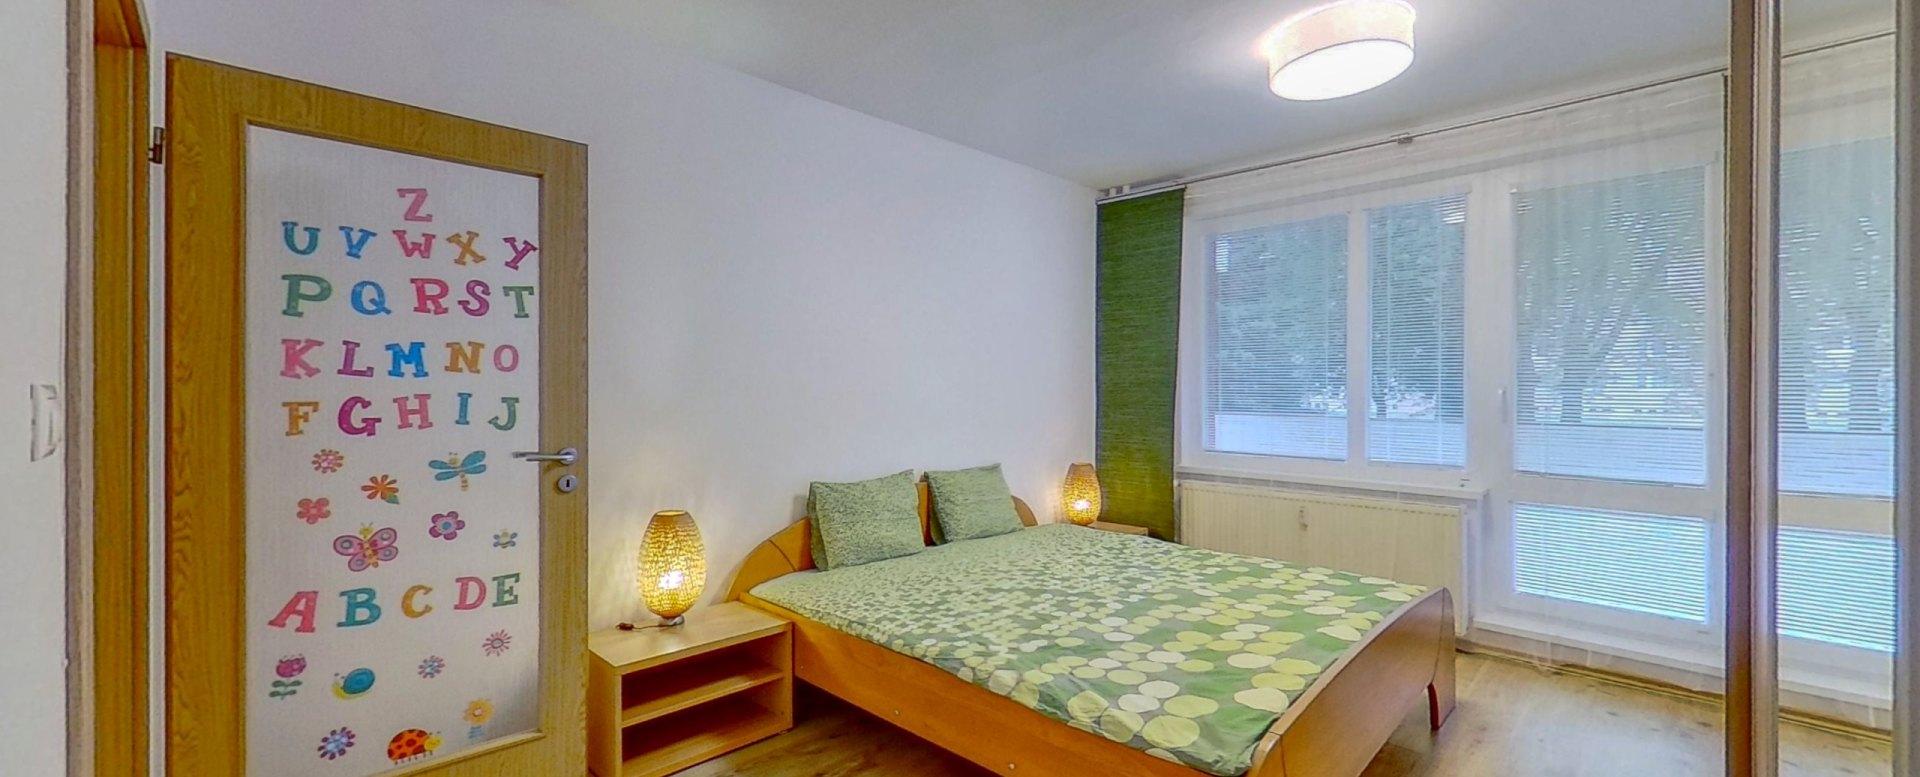 Pohľad na manželskú posteľ a lodžiu v spálni